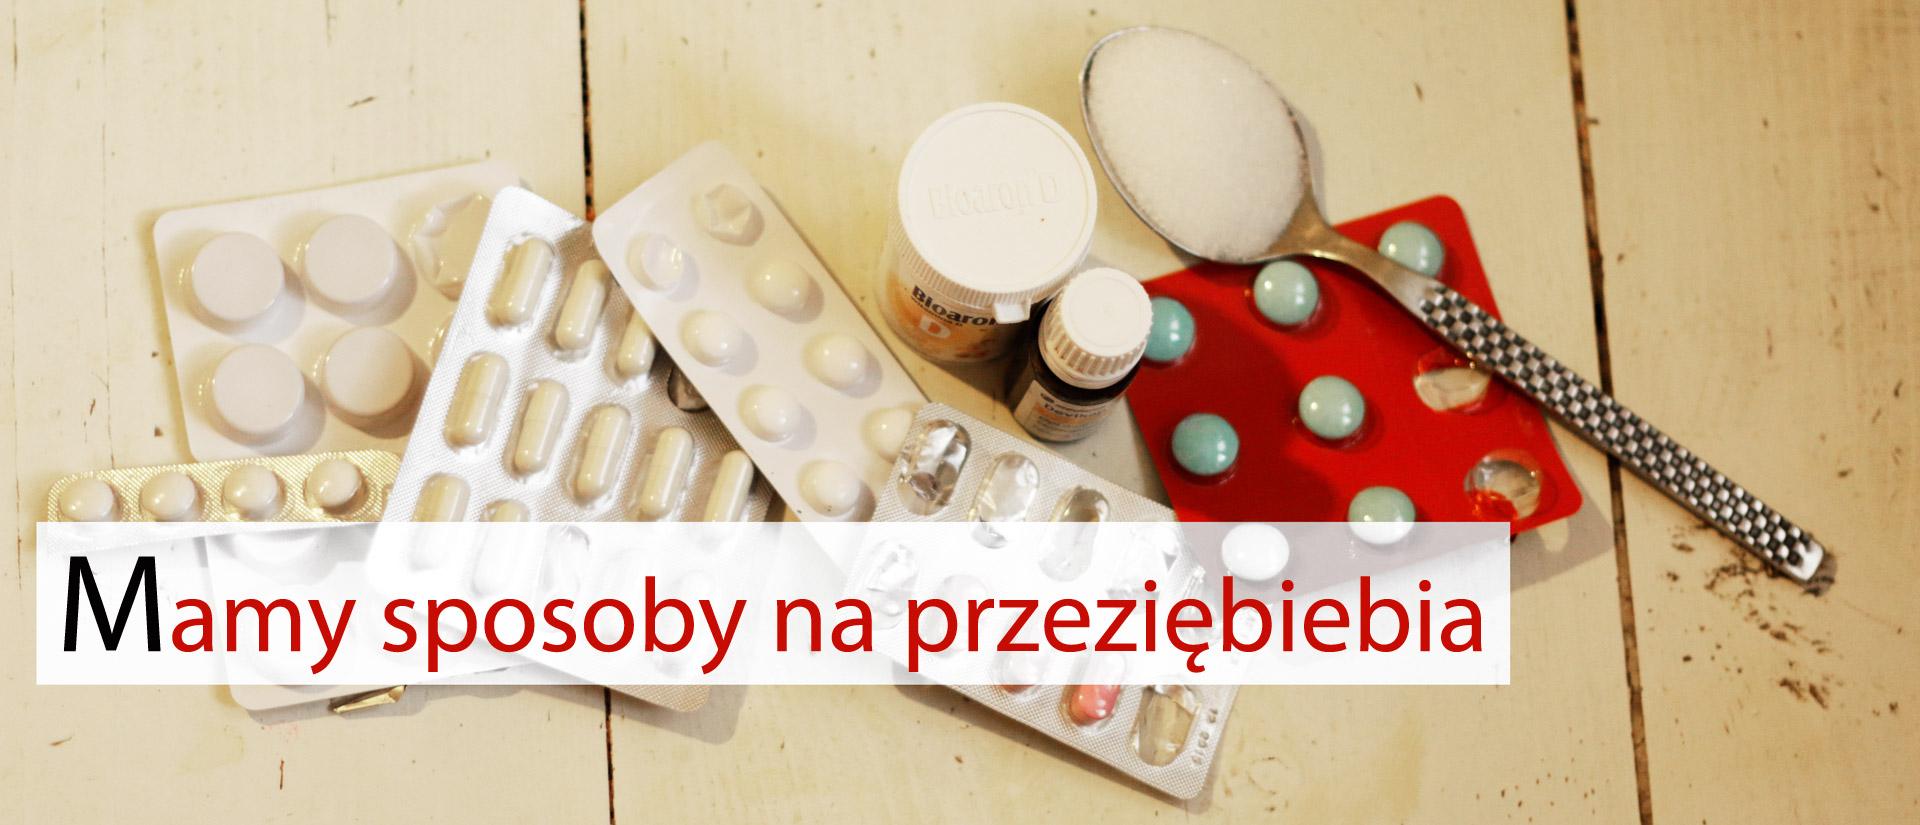 sposoby na przeziębienia, chore dziecko